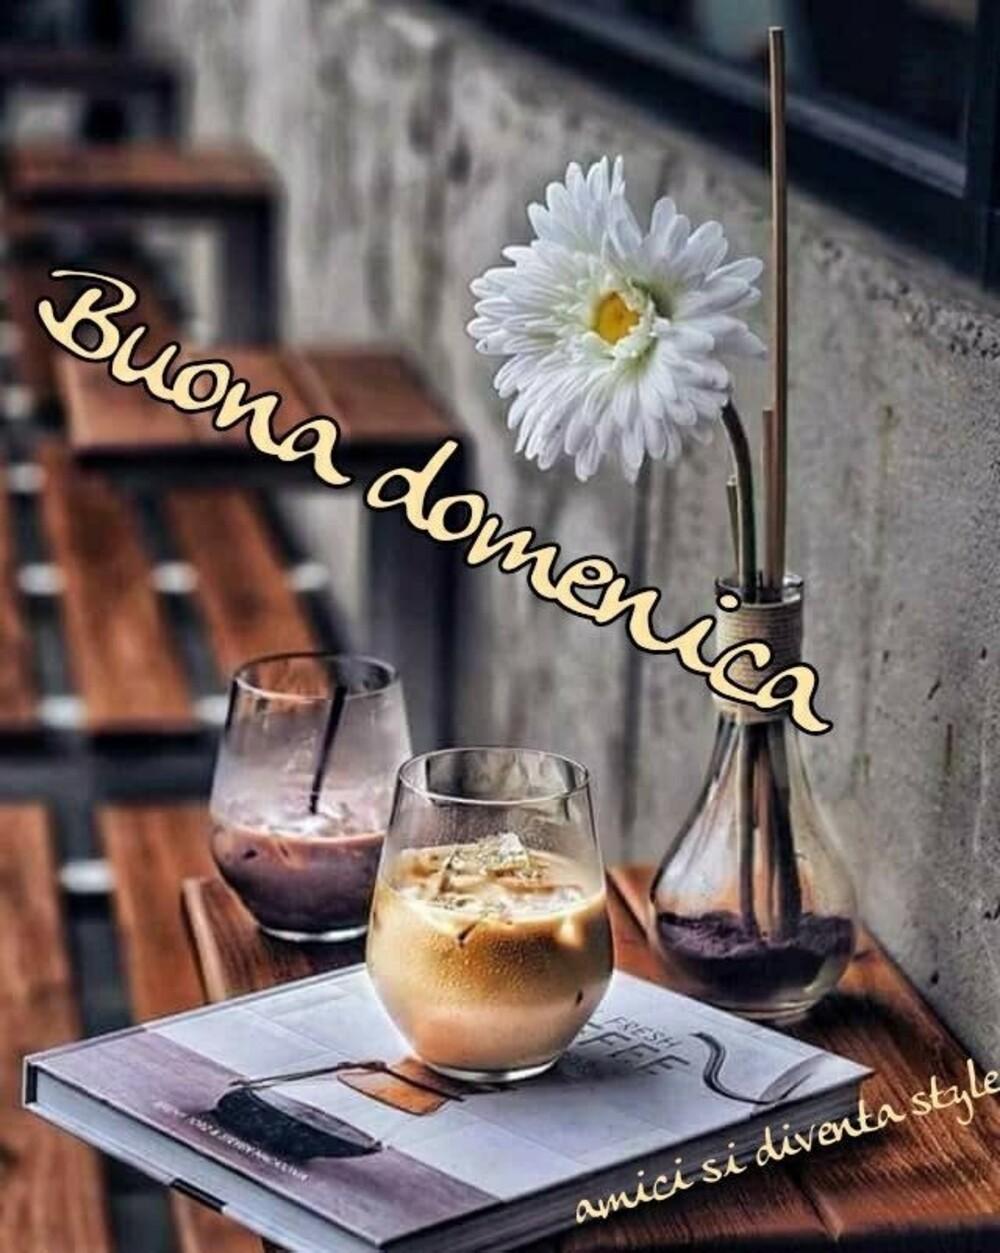 Belle immagini di Buona Domenica (6)